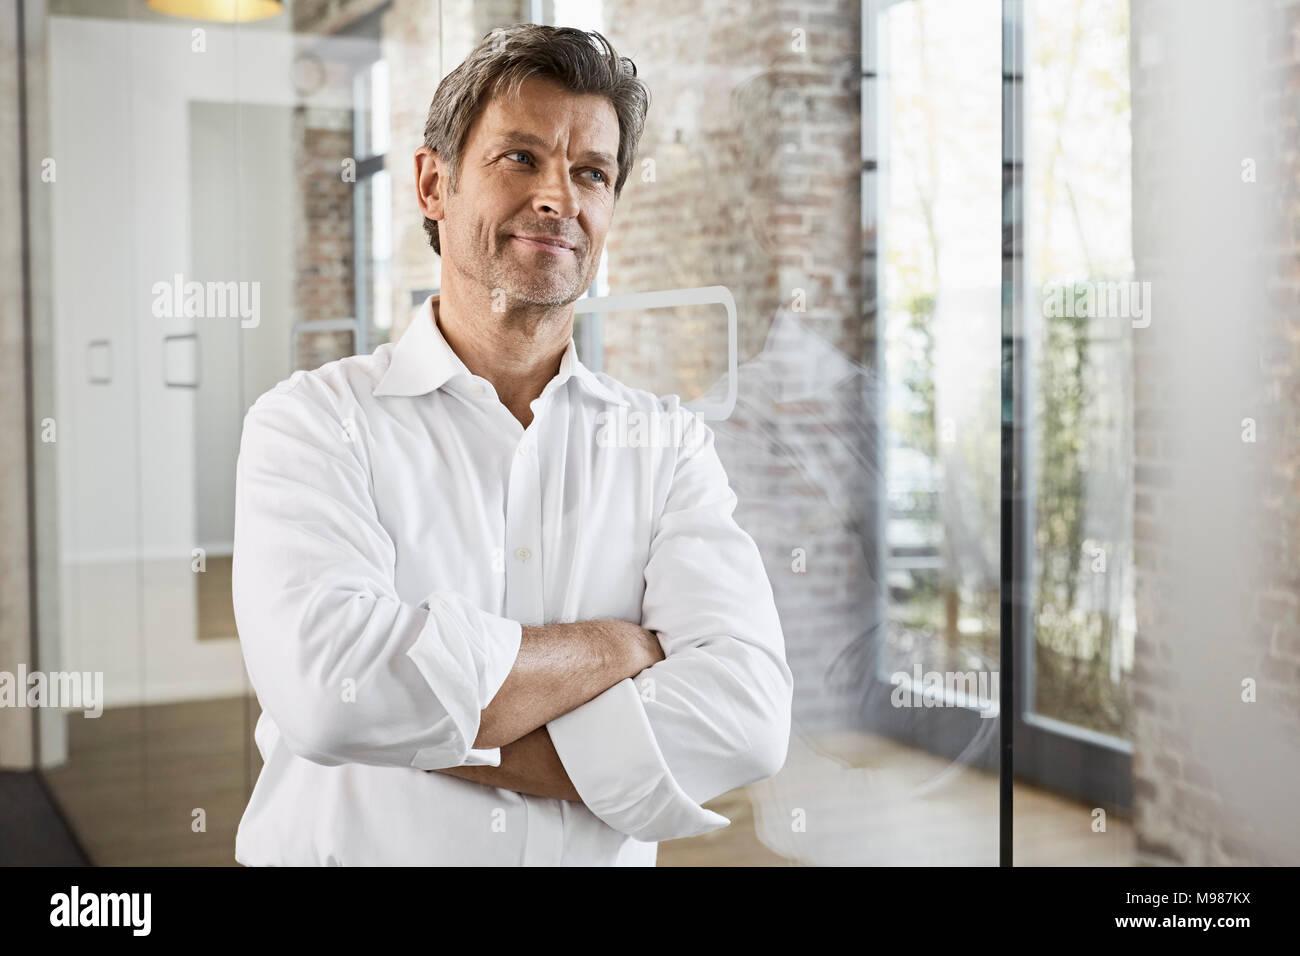 Portrait von Reifen Geschäftsmann lehnte sich gegen Glasscheibe in modernen Büro Stockfoto